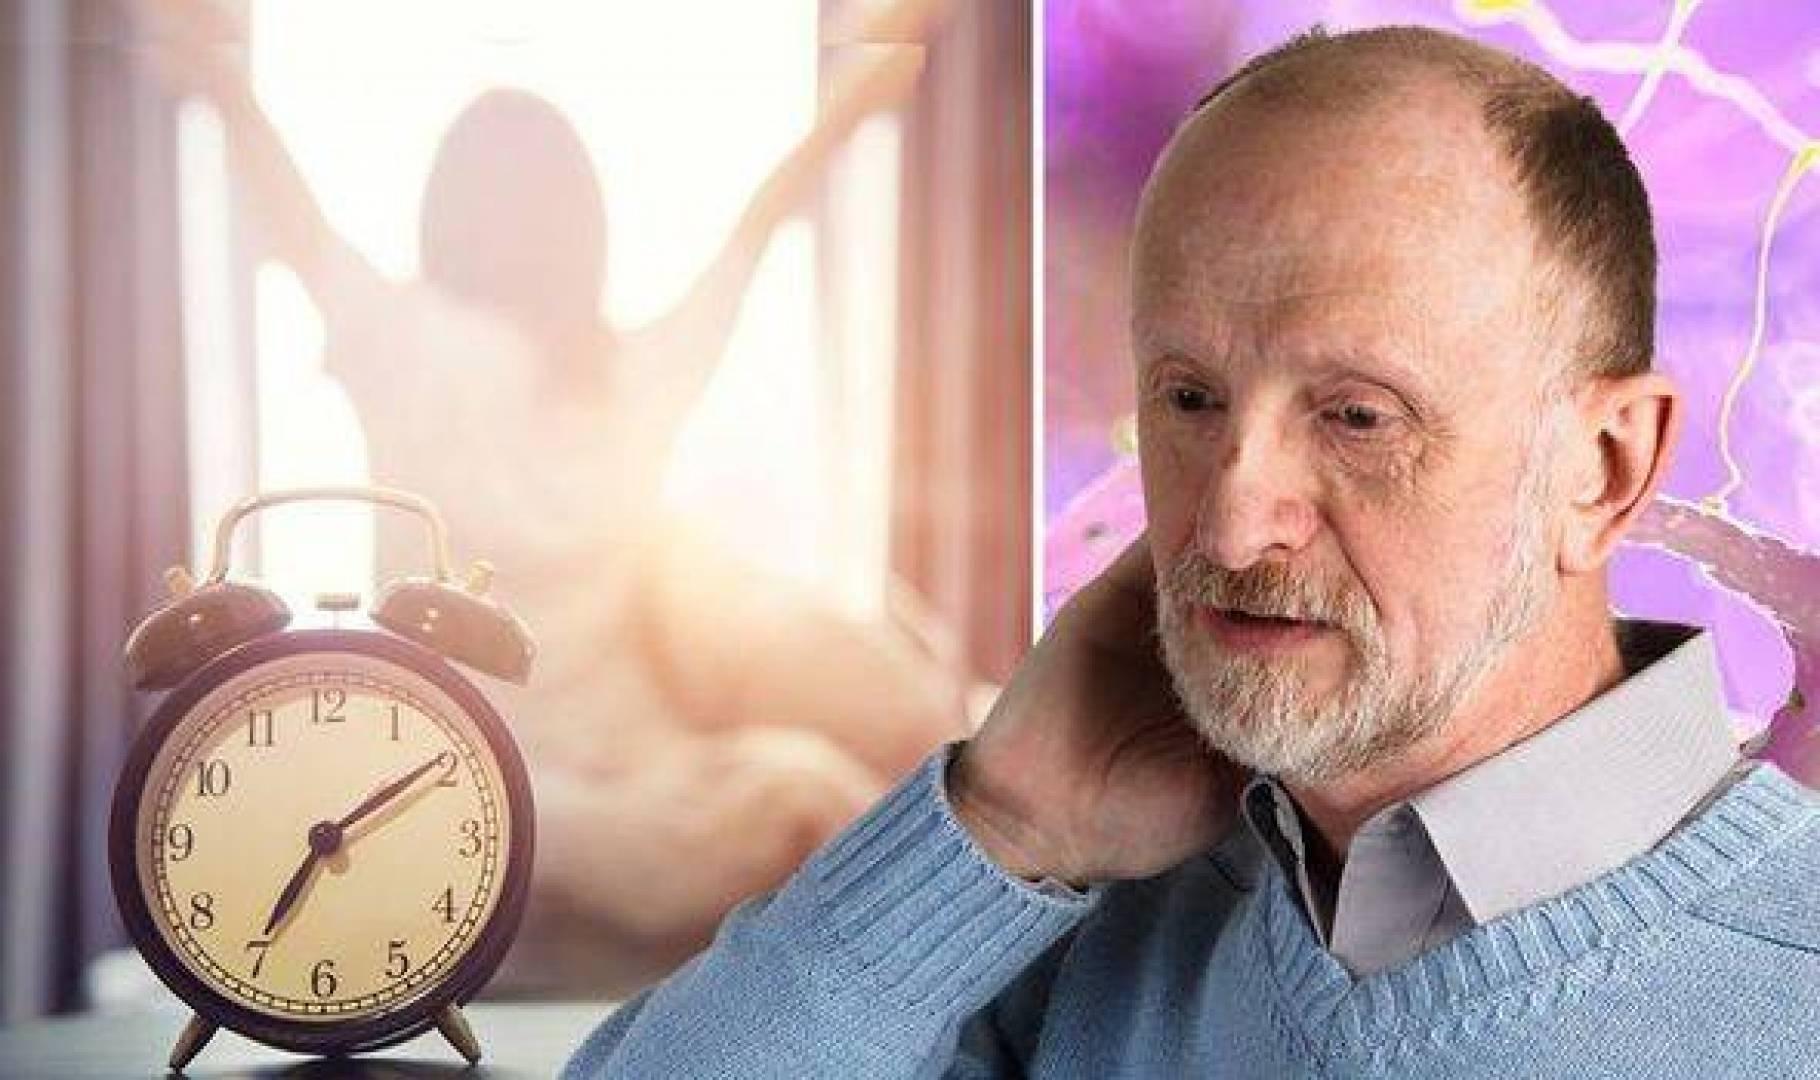 دراسة جديدة: من يستيقظون في الصباح الباكر.. أكثر عرضة للإصابة بألزهايمر